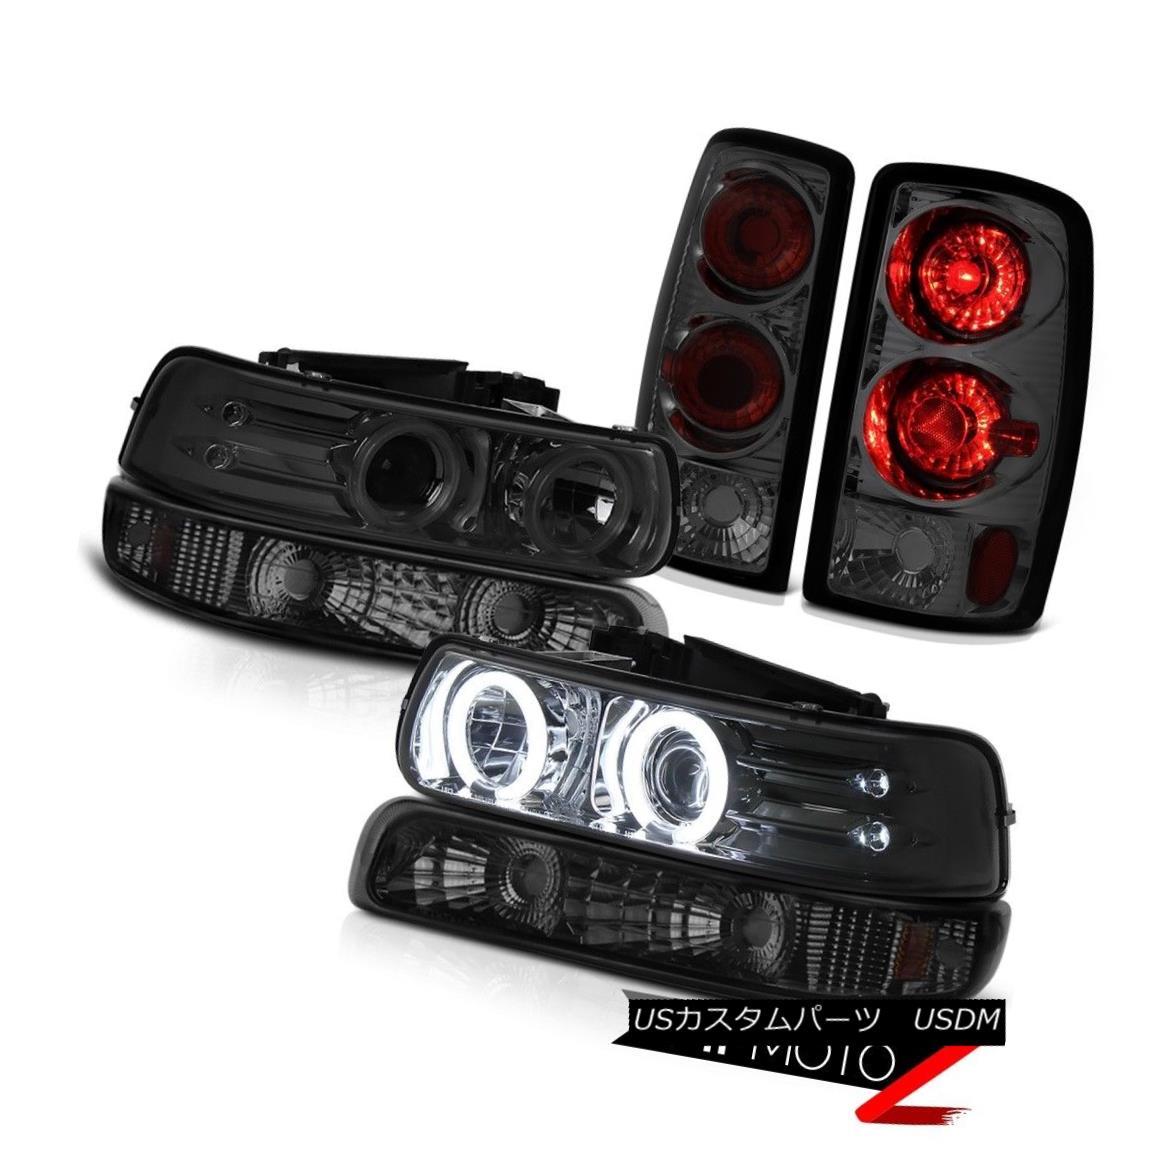 ヘッドライト 00-06 Suburban 6.0L Projector Halo DRL Headlights Smoke Signal Rear Brake Lamps 00-06郊外の6.0LプロジェクターHalo DRLヘッドライトスモークシグナルリアブレーキランプ